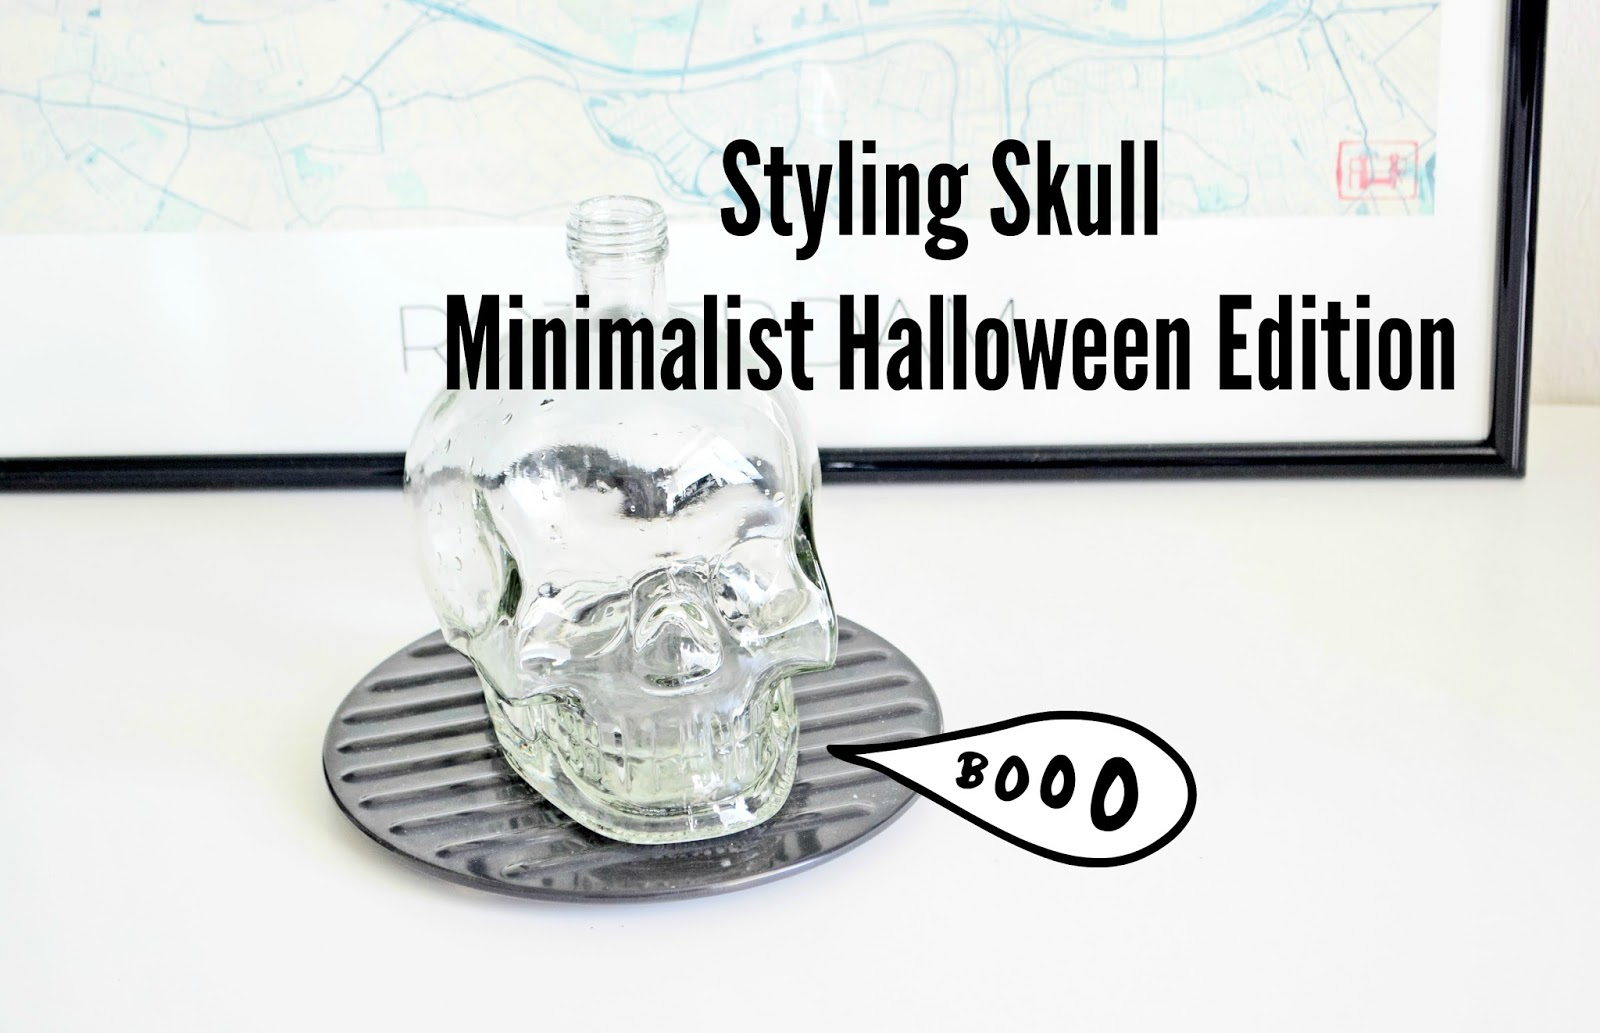 Styling Skull Minimalist Halloween